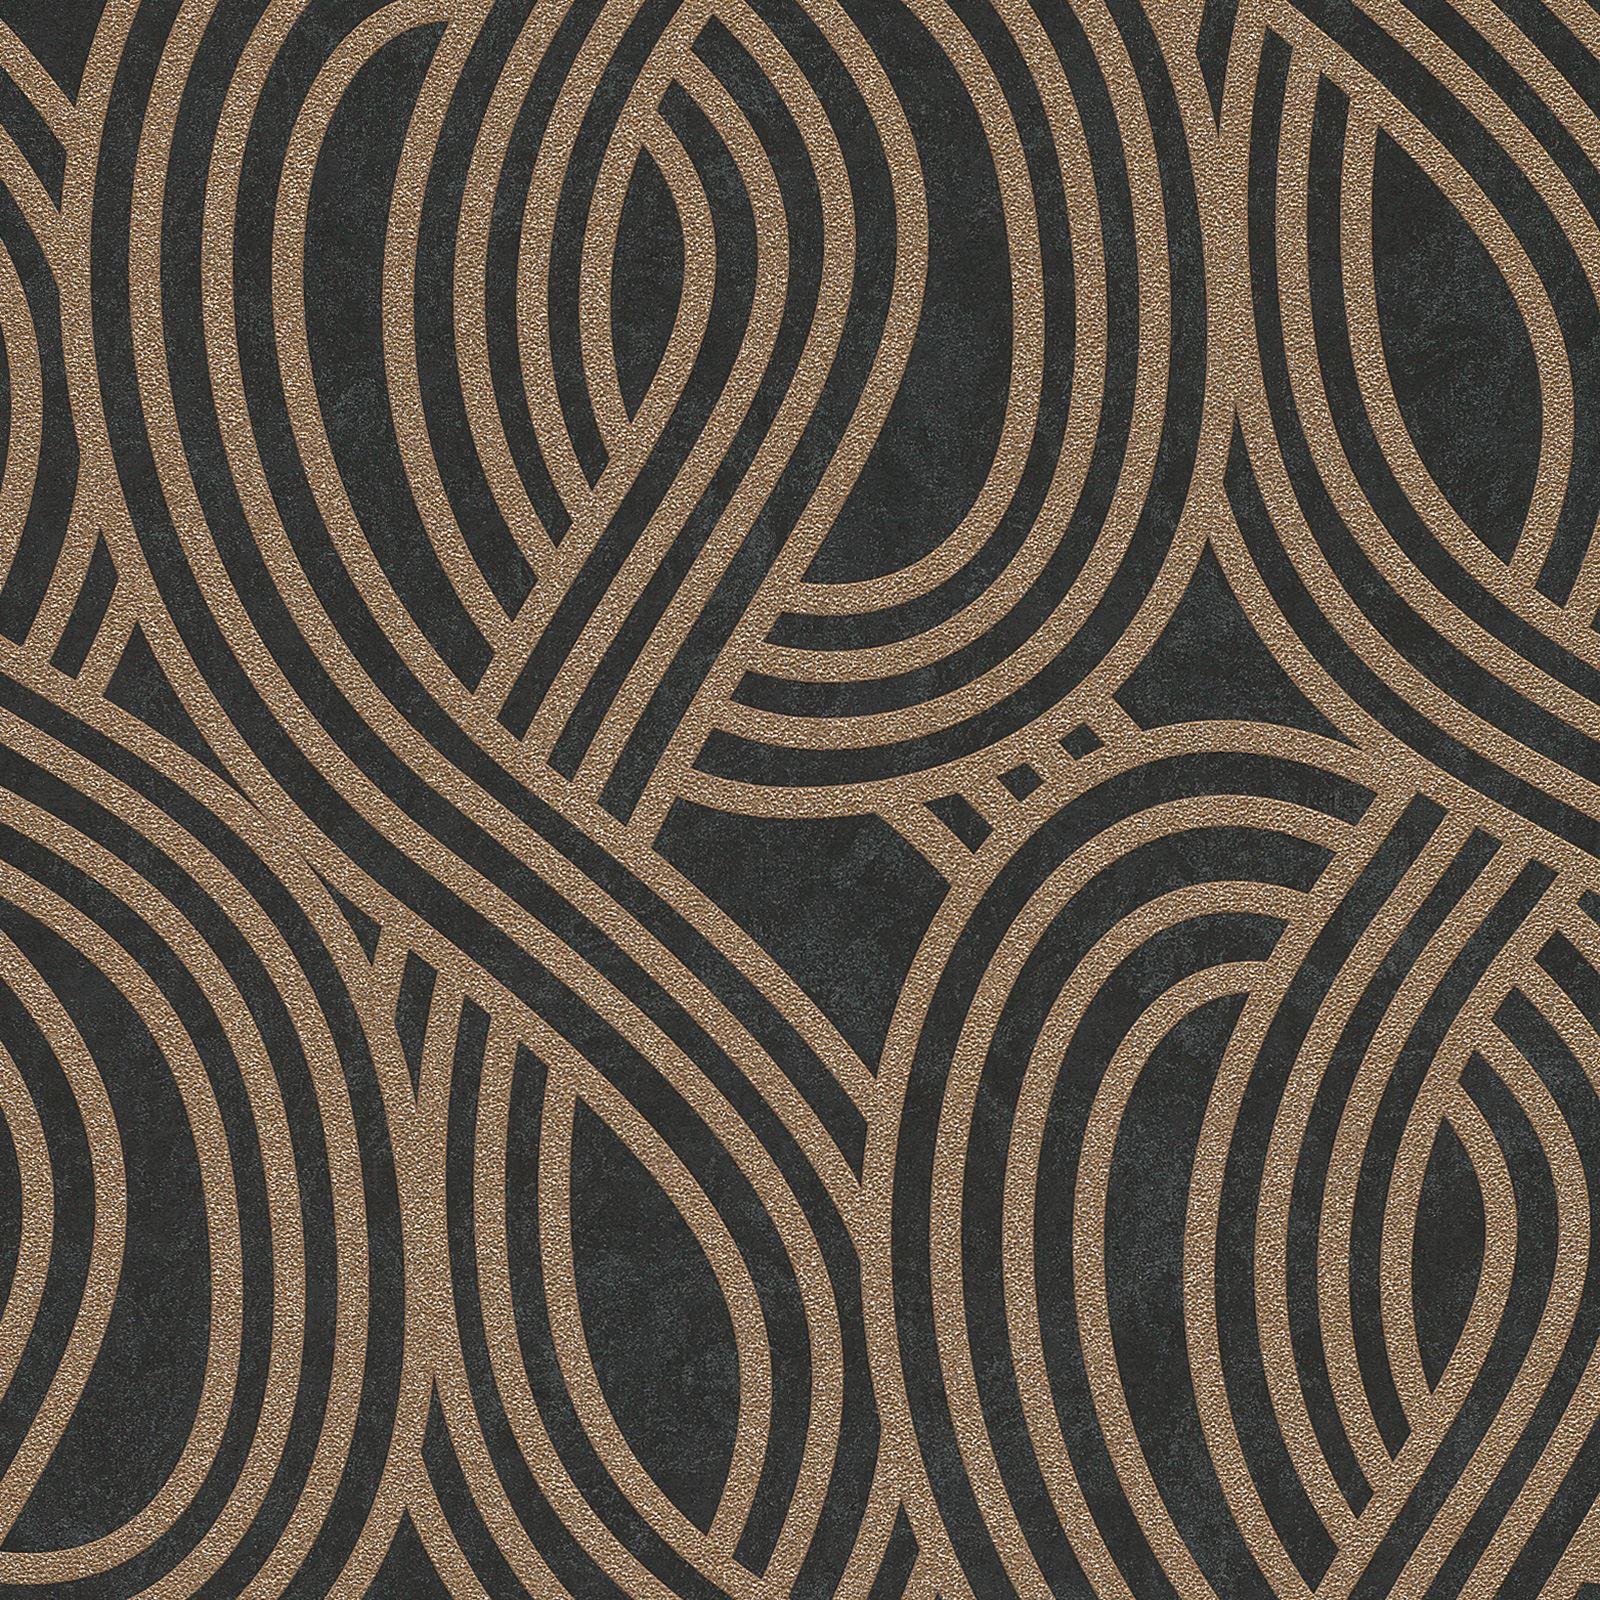 Tapete Schwarz Tapete Vlies Rauten Schwarz Grau Rasch Textil 148667